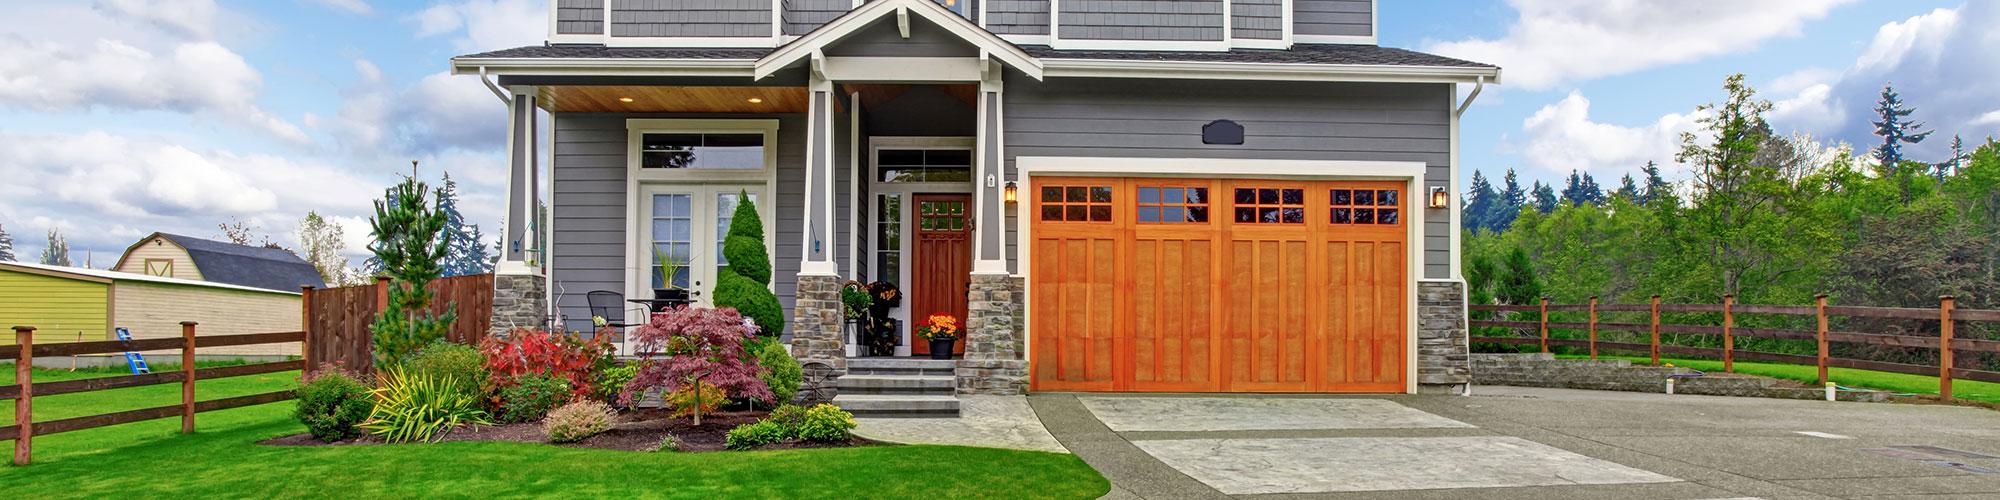 garage-door-repair-los-angeles-1 Garage Door Repair North Hills